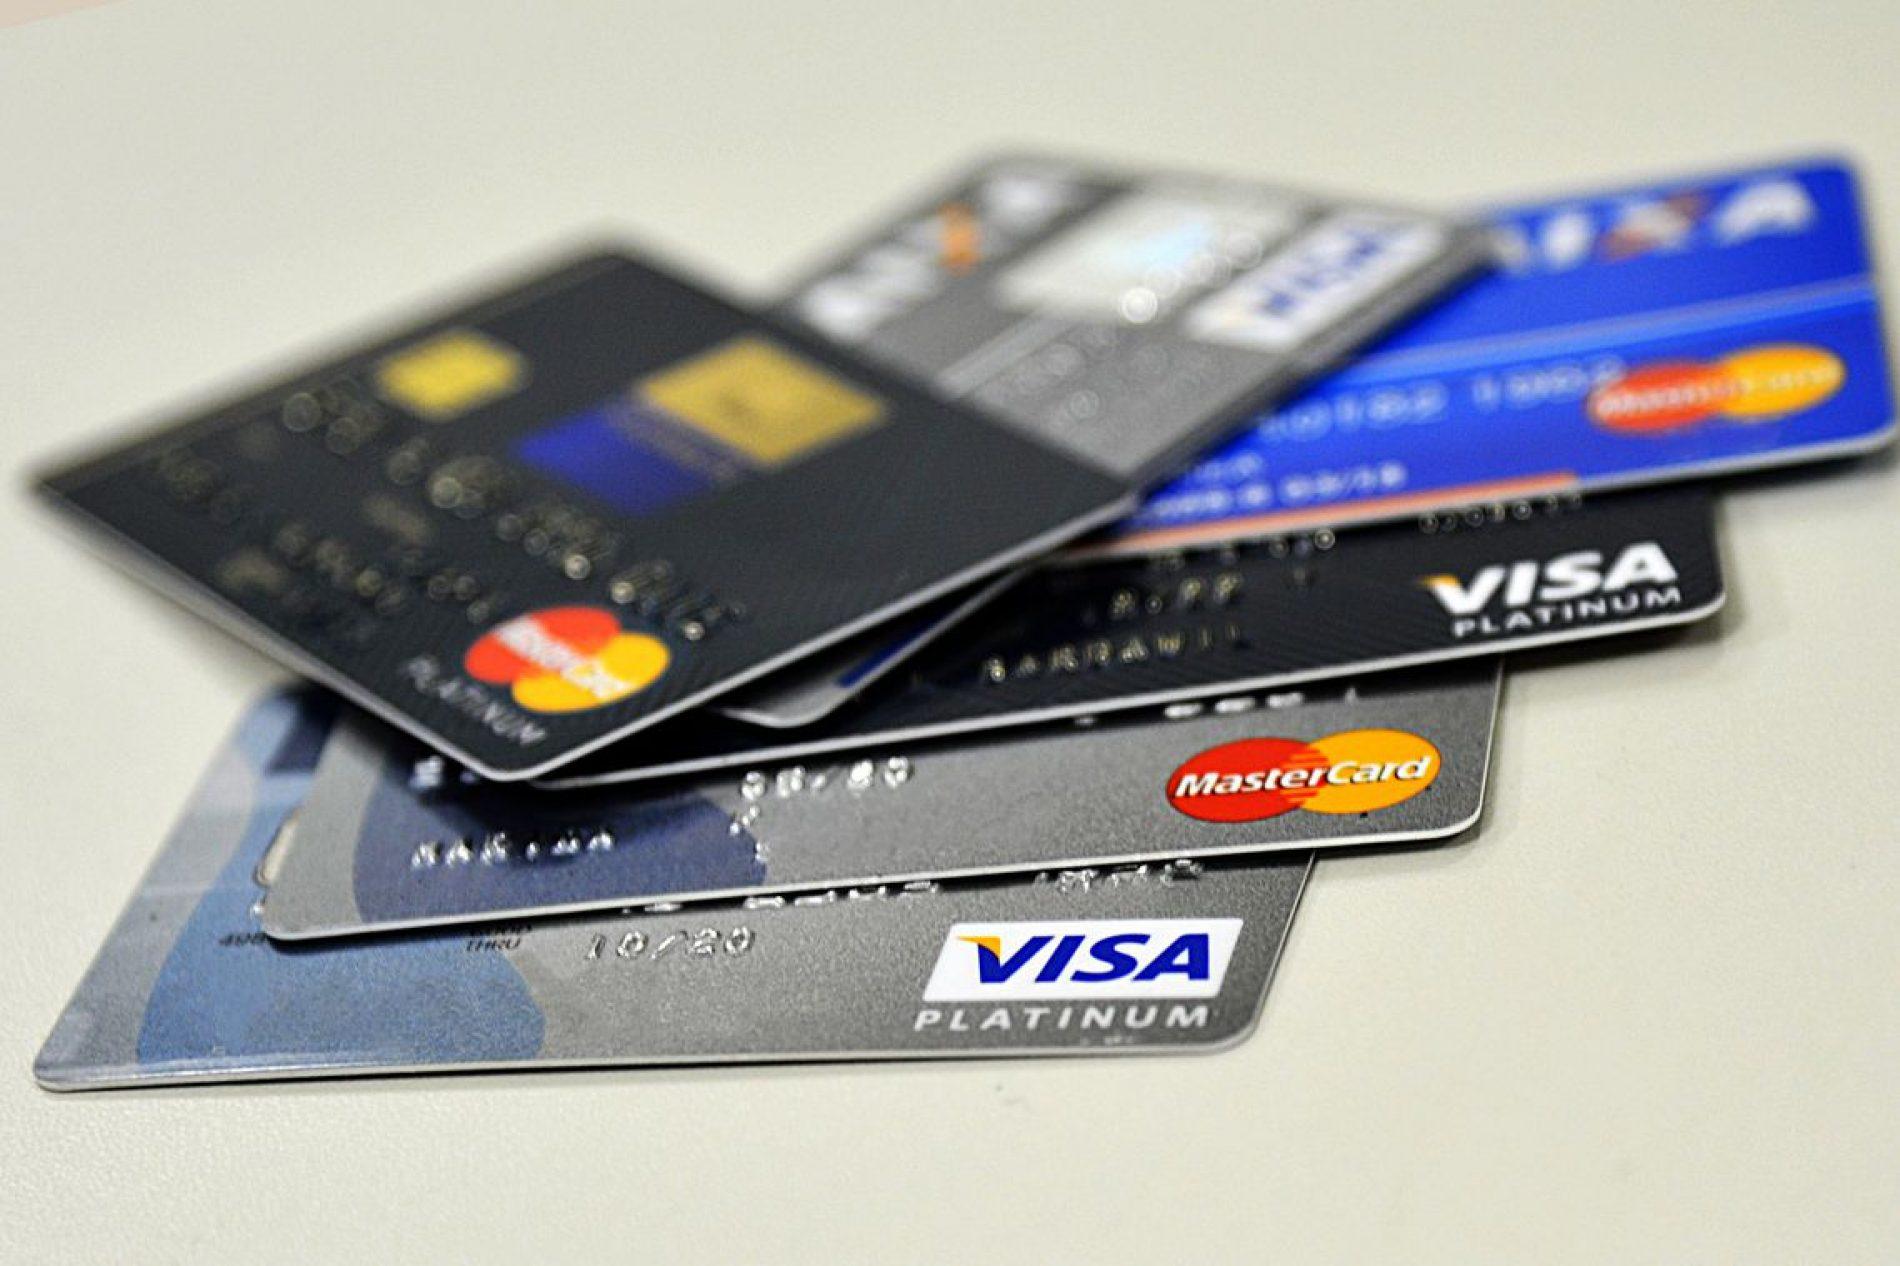 Juros do rotativo do cartão de crédito caem para 275,7% ao ano